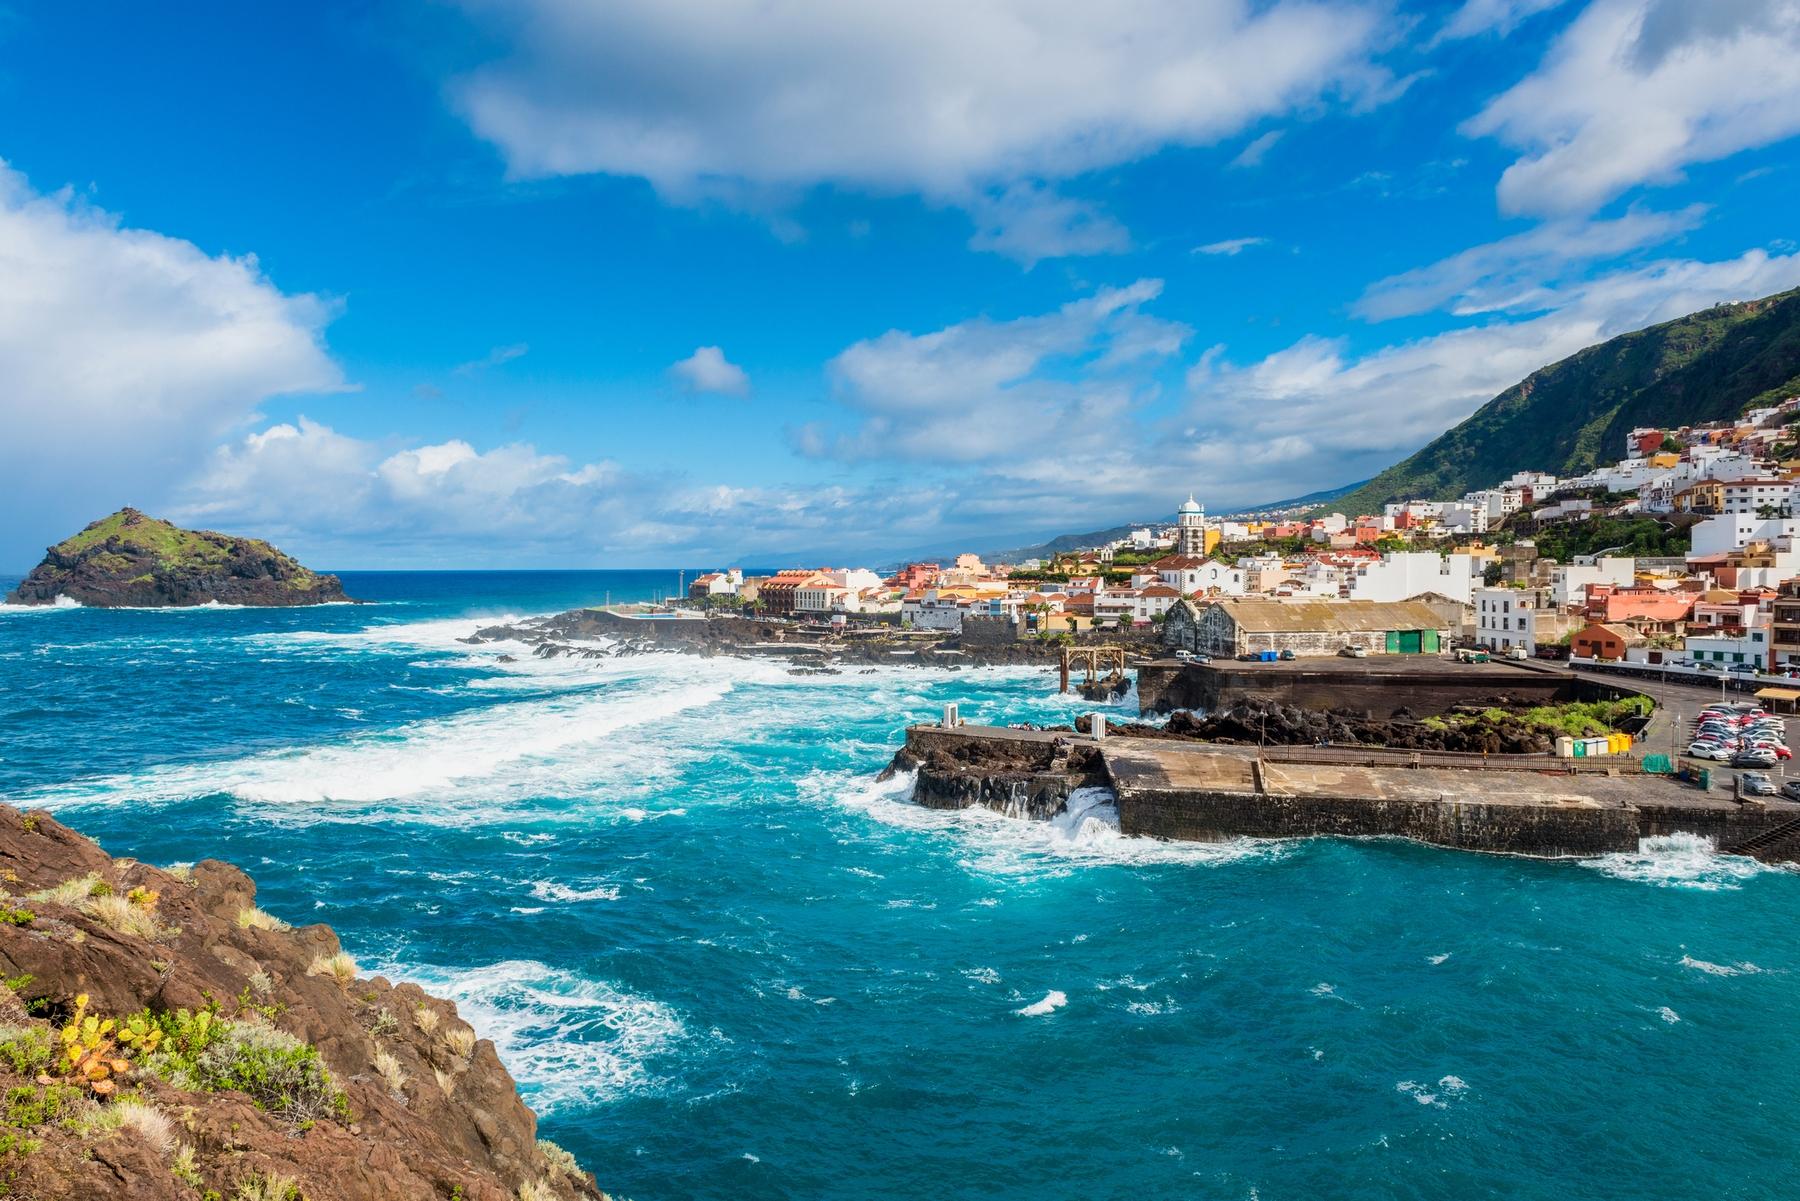 Los 20 pueblos costeros más bonitos de España: Garachico